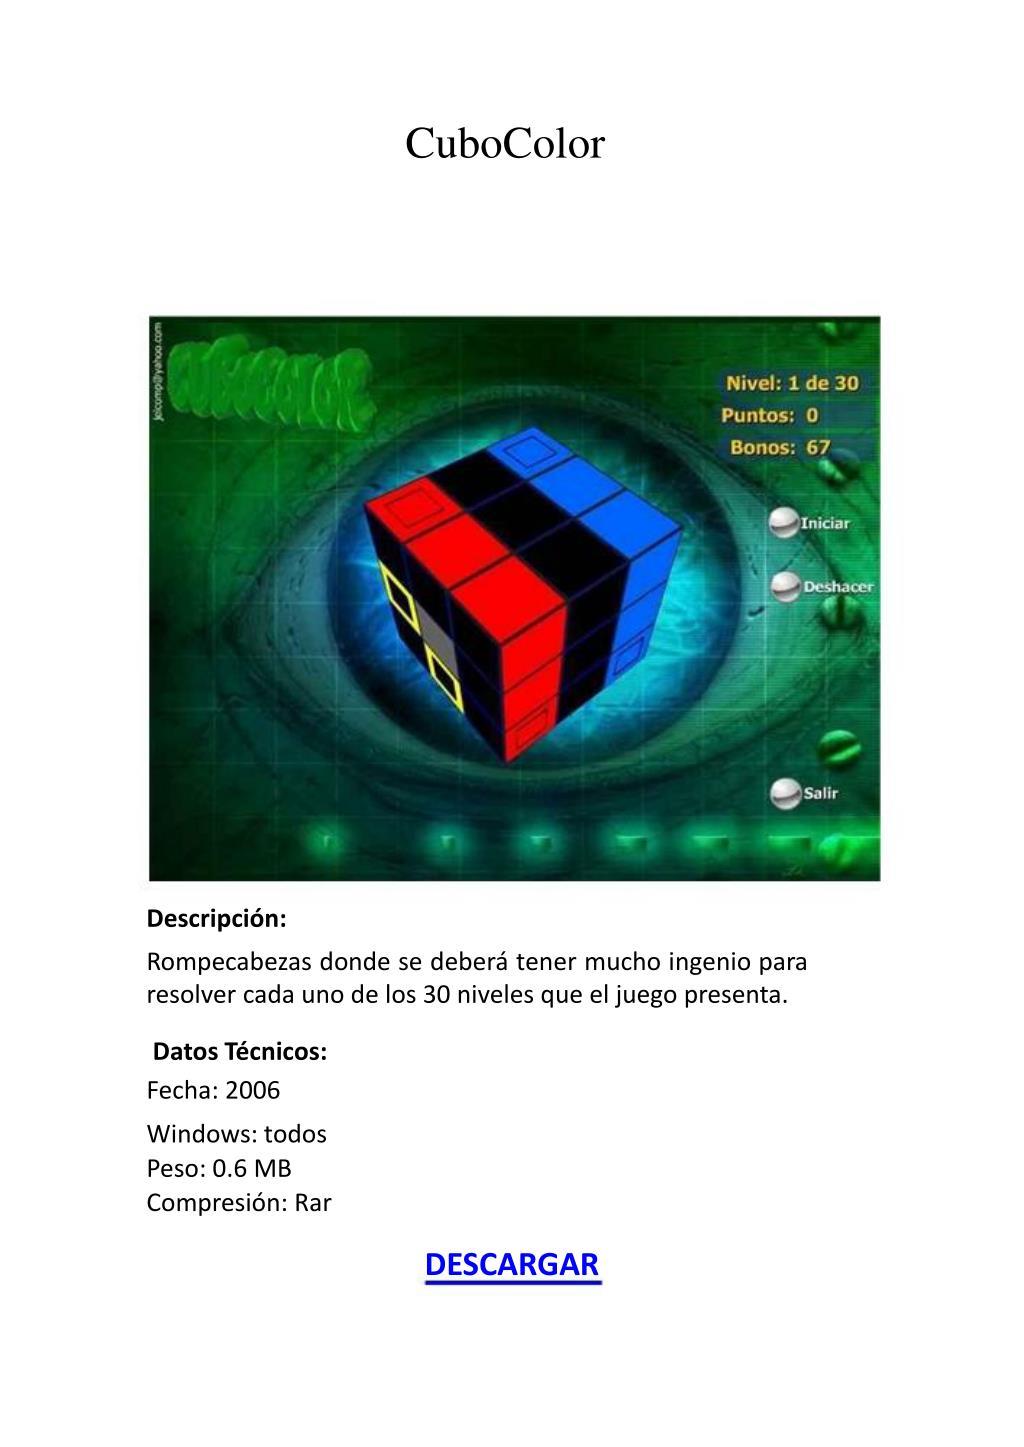 CuboColor